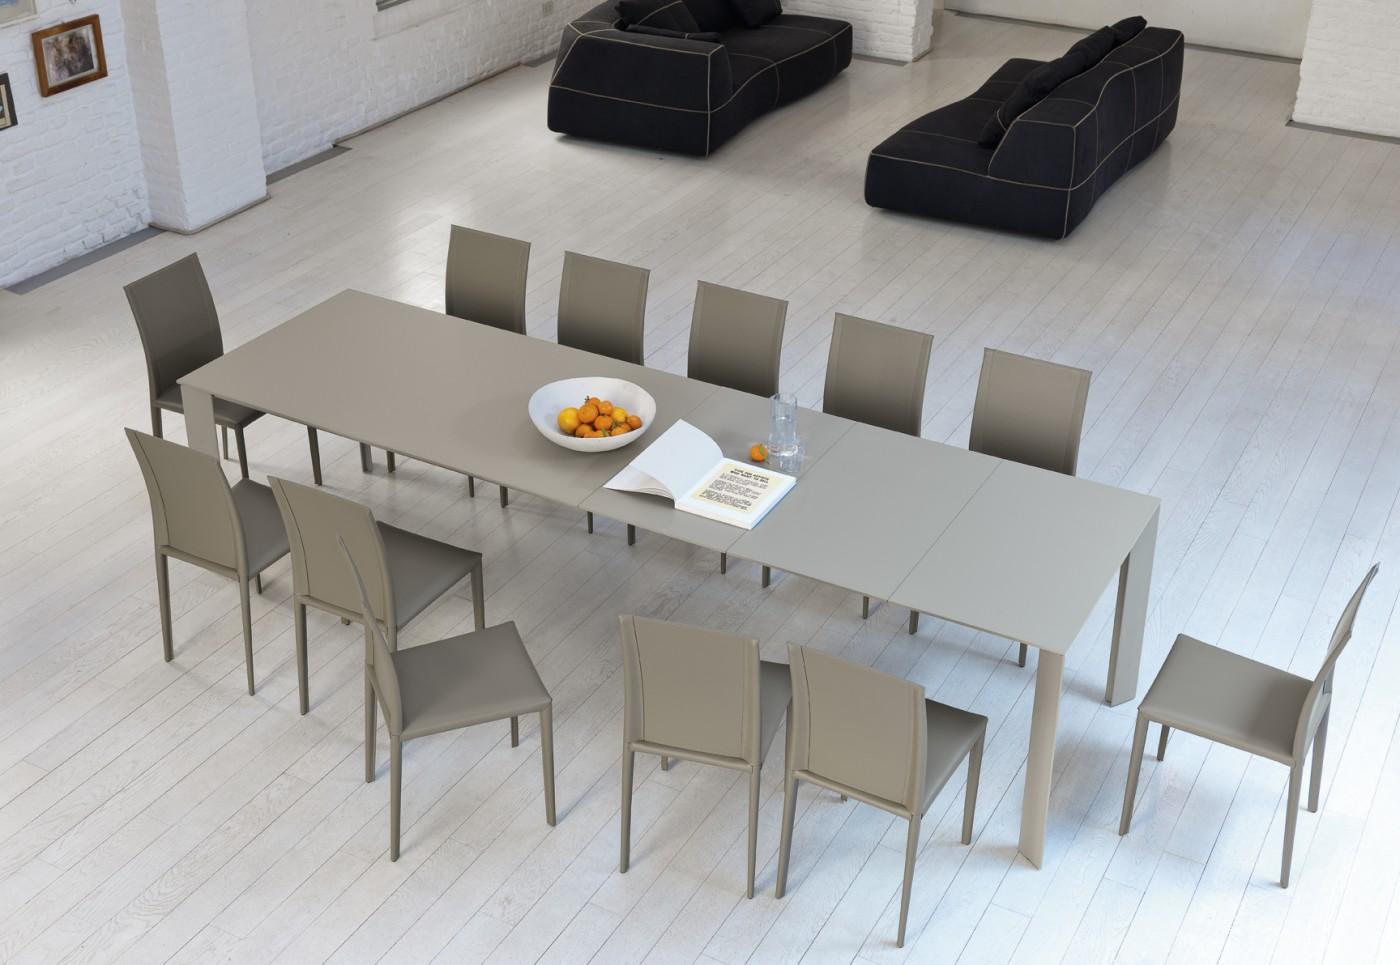 Tavolo allungabile ghedi midj design studio kappa - Progetto tavolo allungabile ...